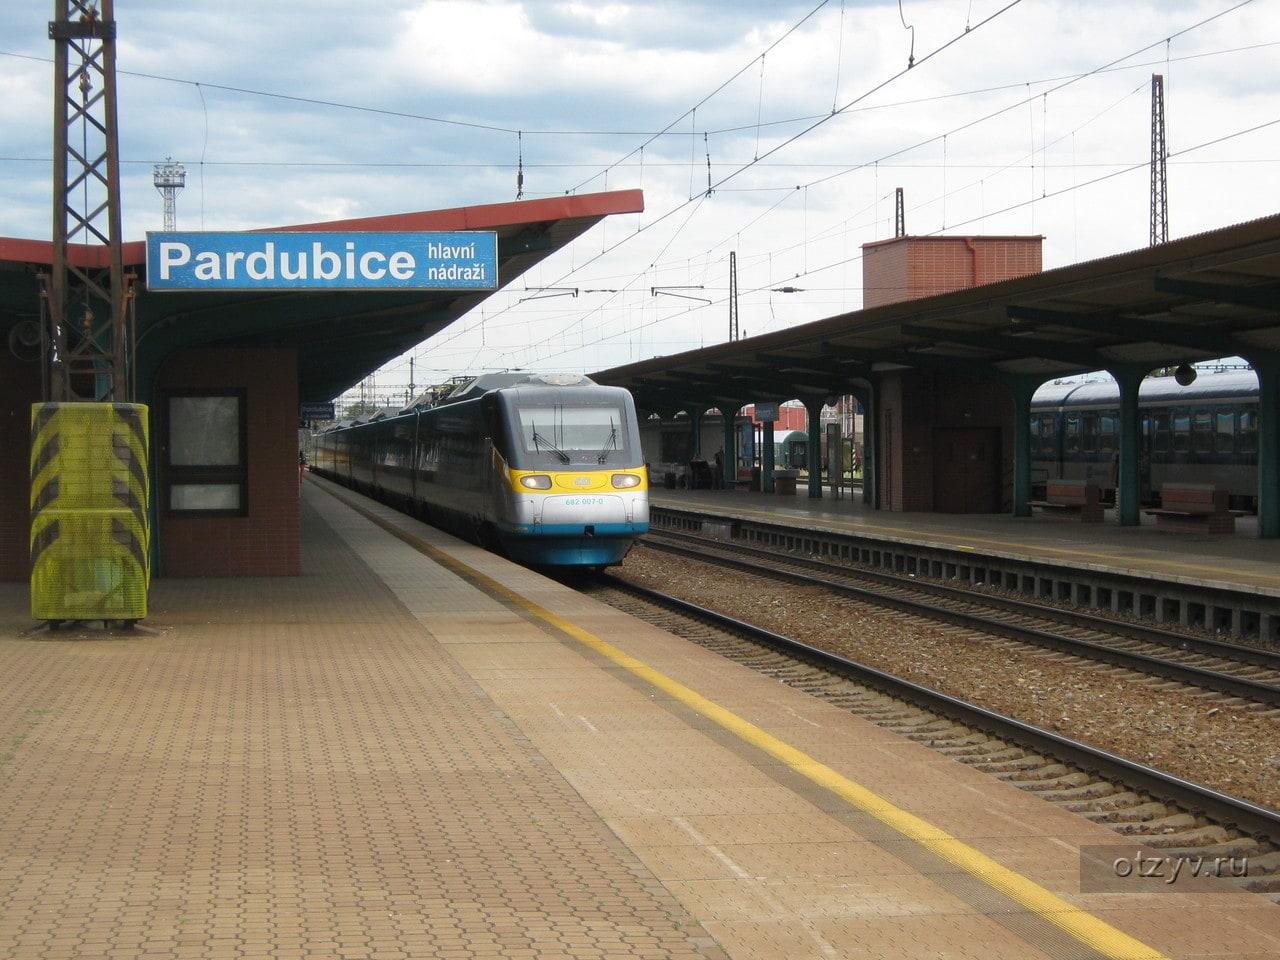 Správa železnic approves CZK 5B tender to upgrade rail in Pardubice - Czech Points